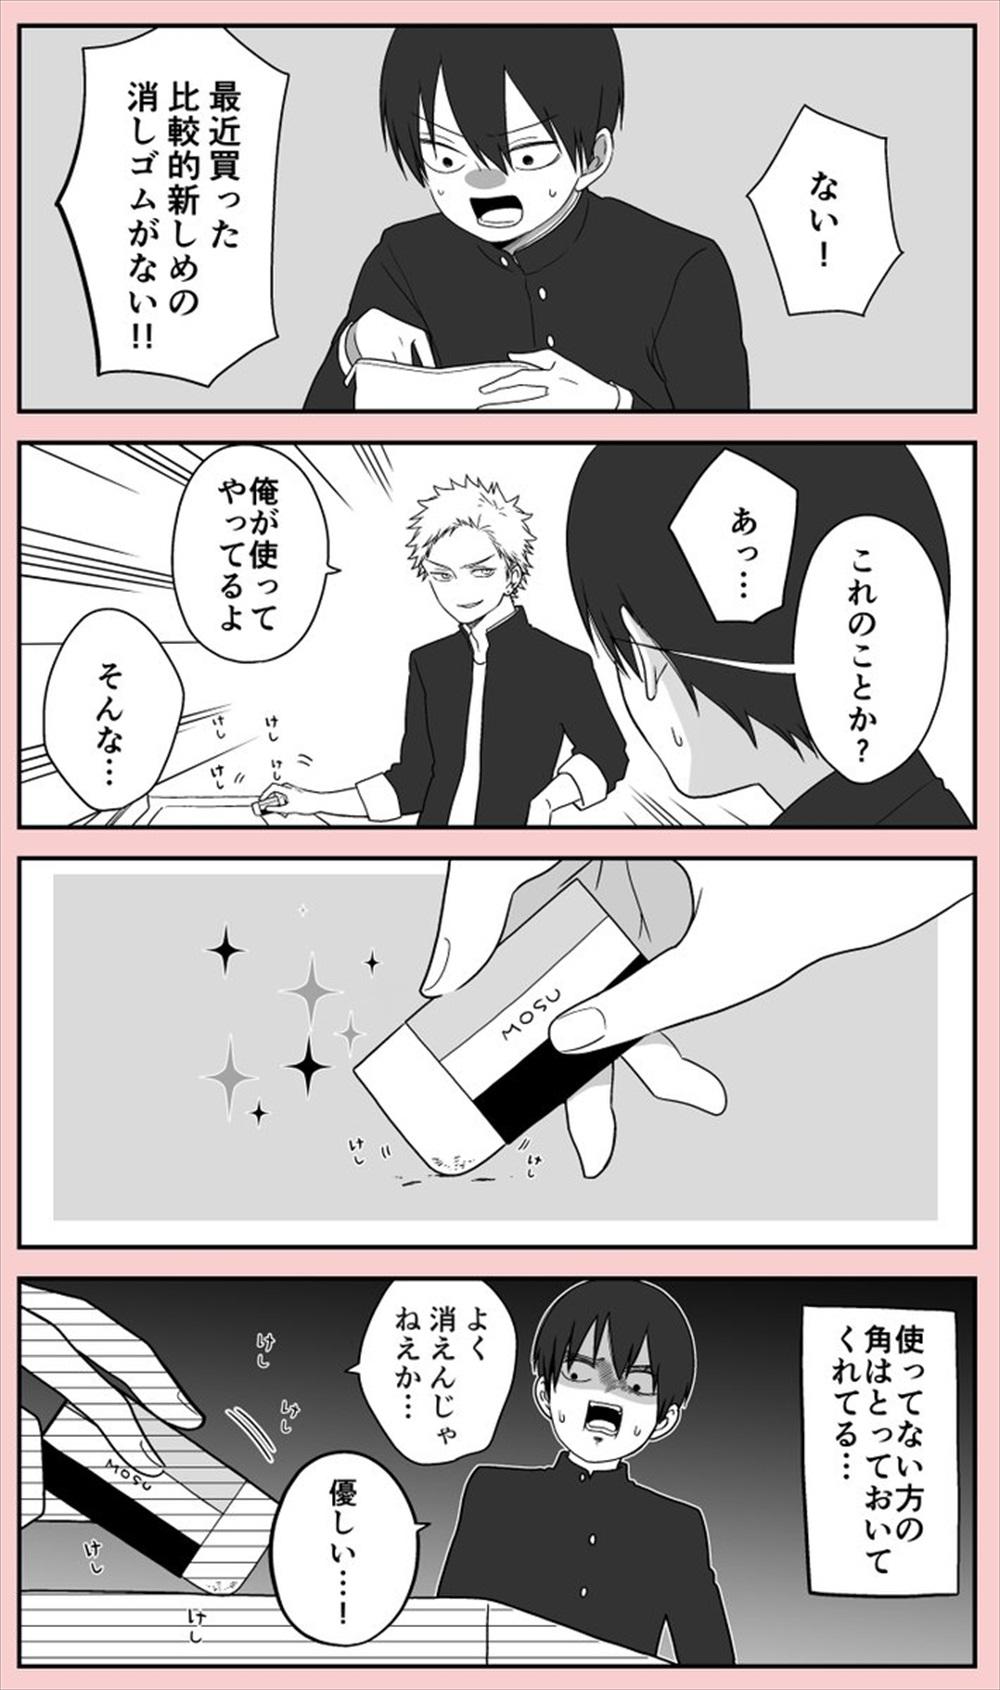 優しいいじめっ子2